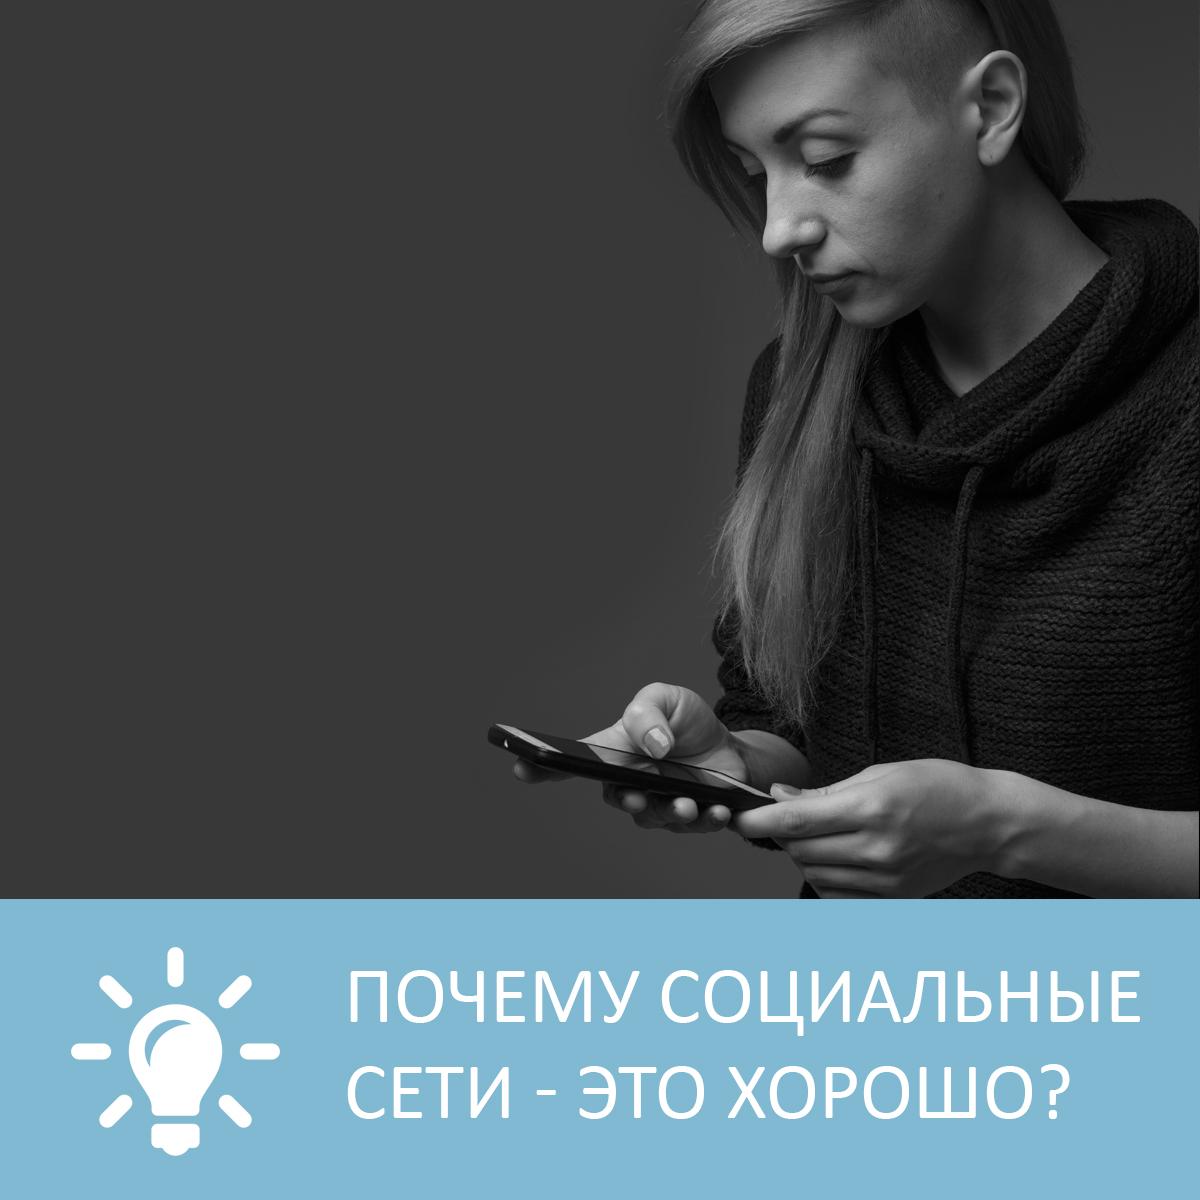 Петровна Почему социальные сети - это хорошо